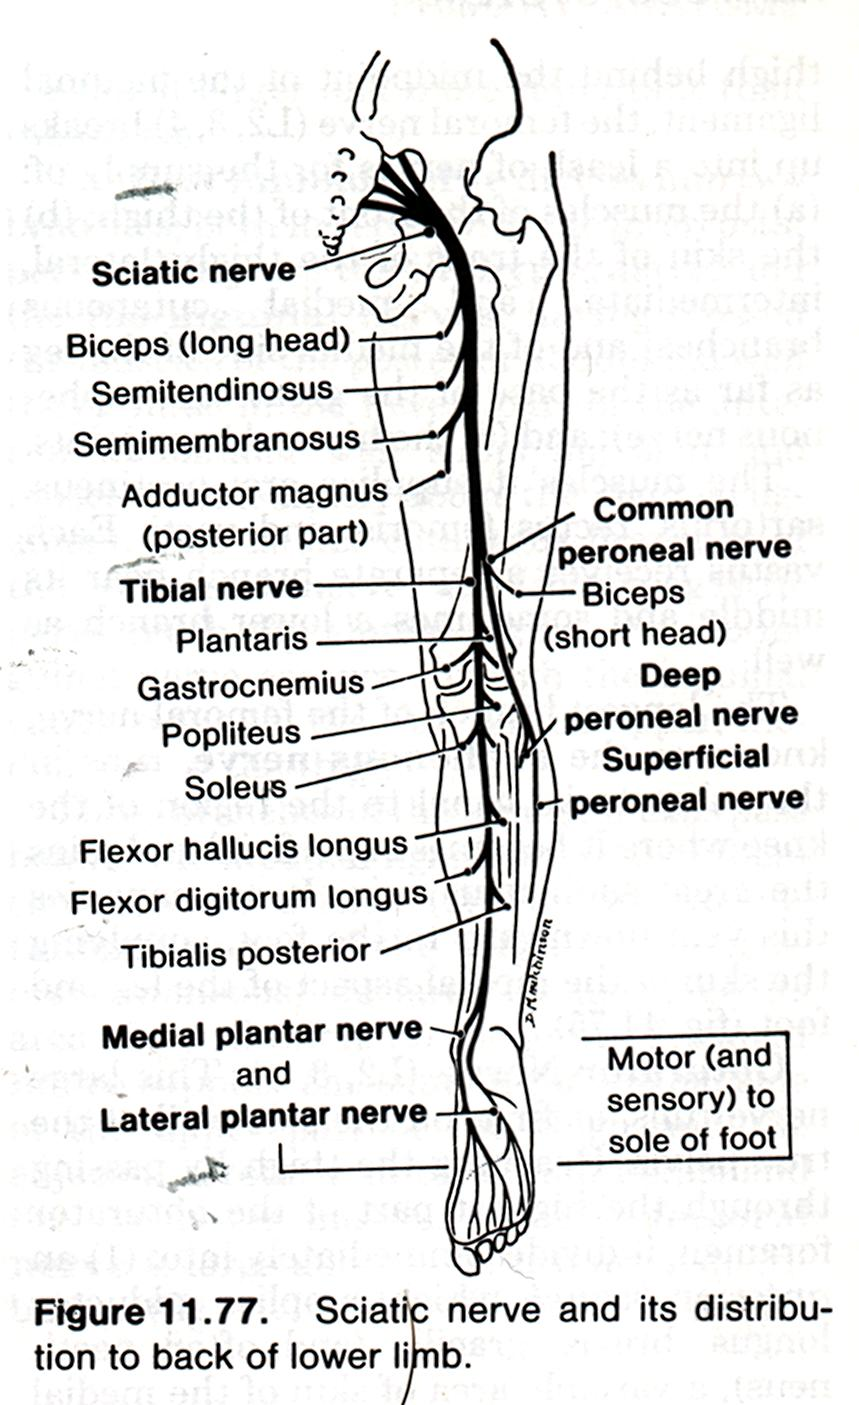 Asombroso Diagrama Nervio Pierna Foto - Anatomía de Las Imágenesdel ...